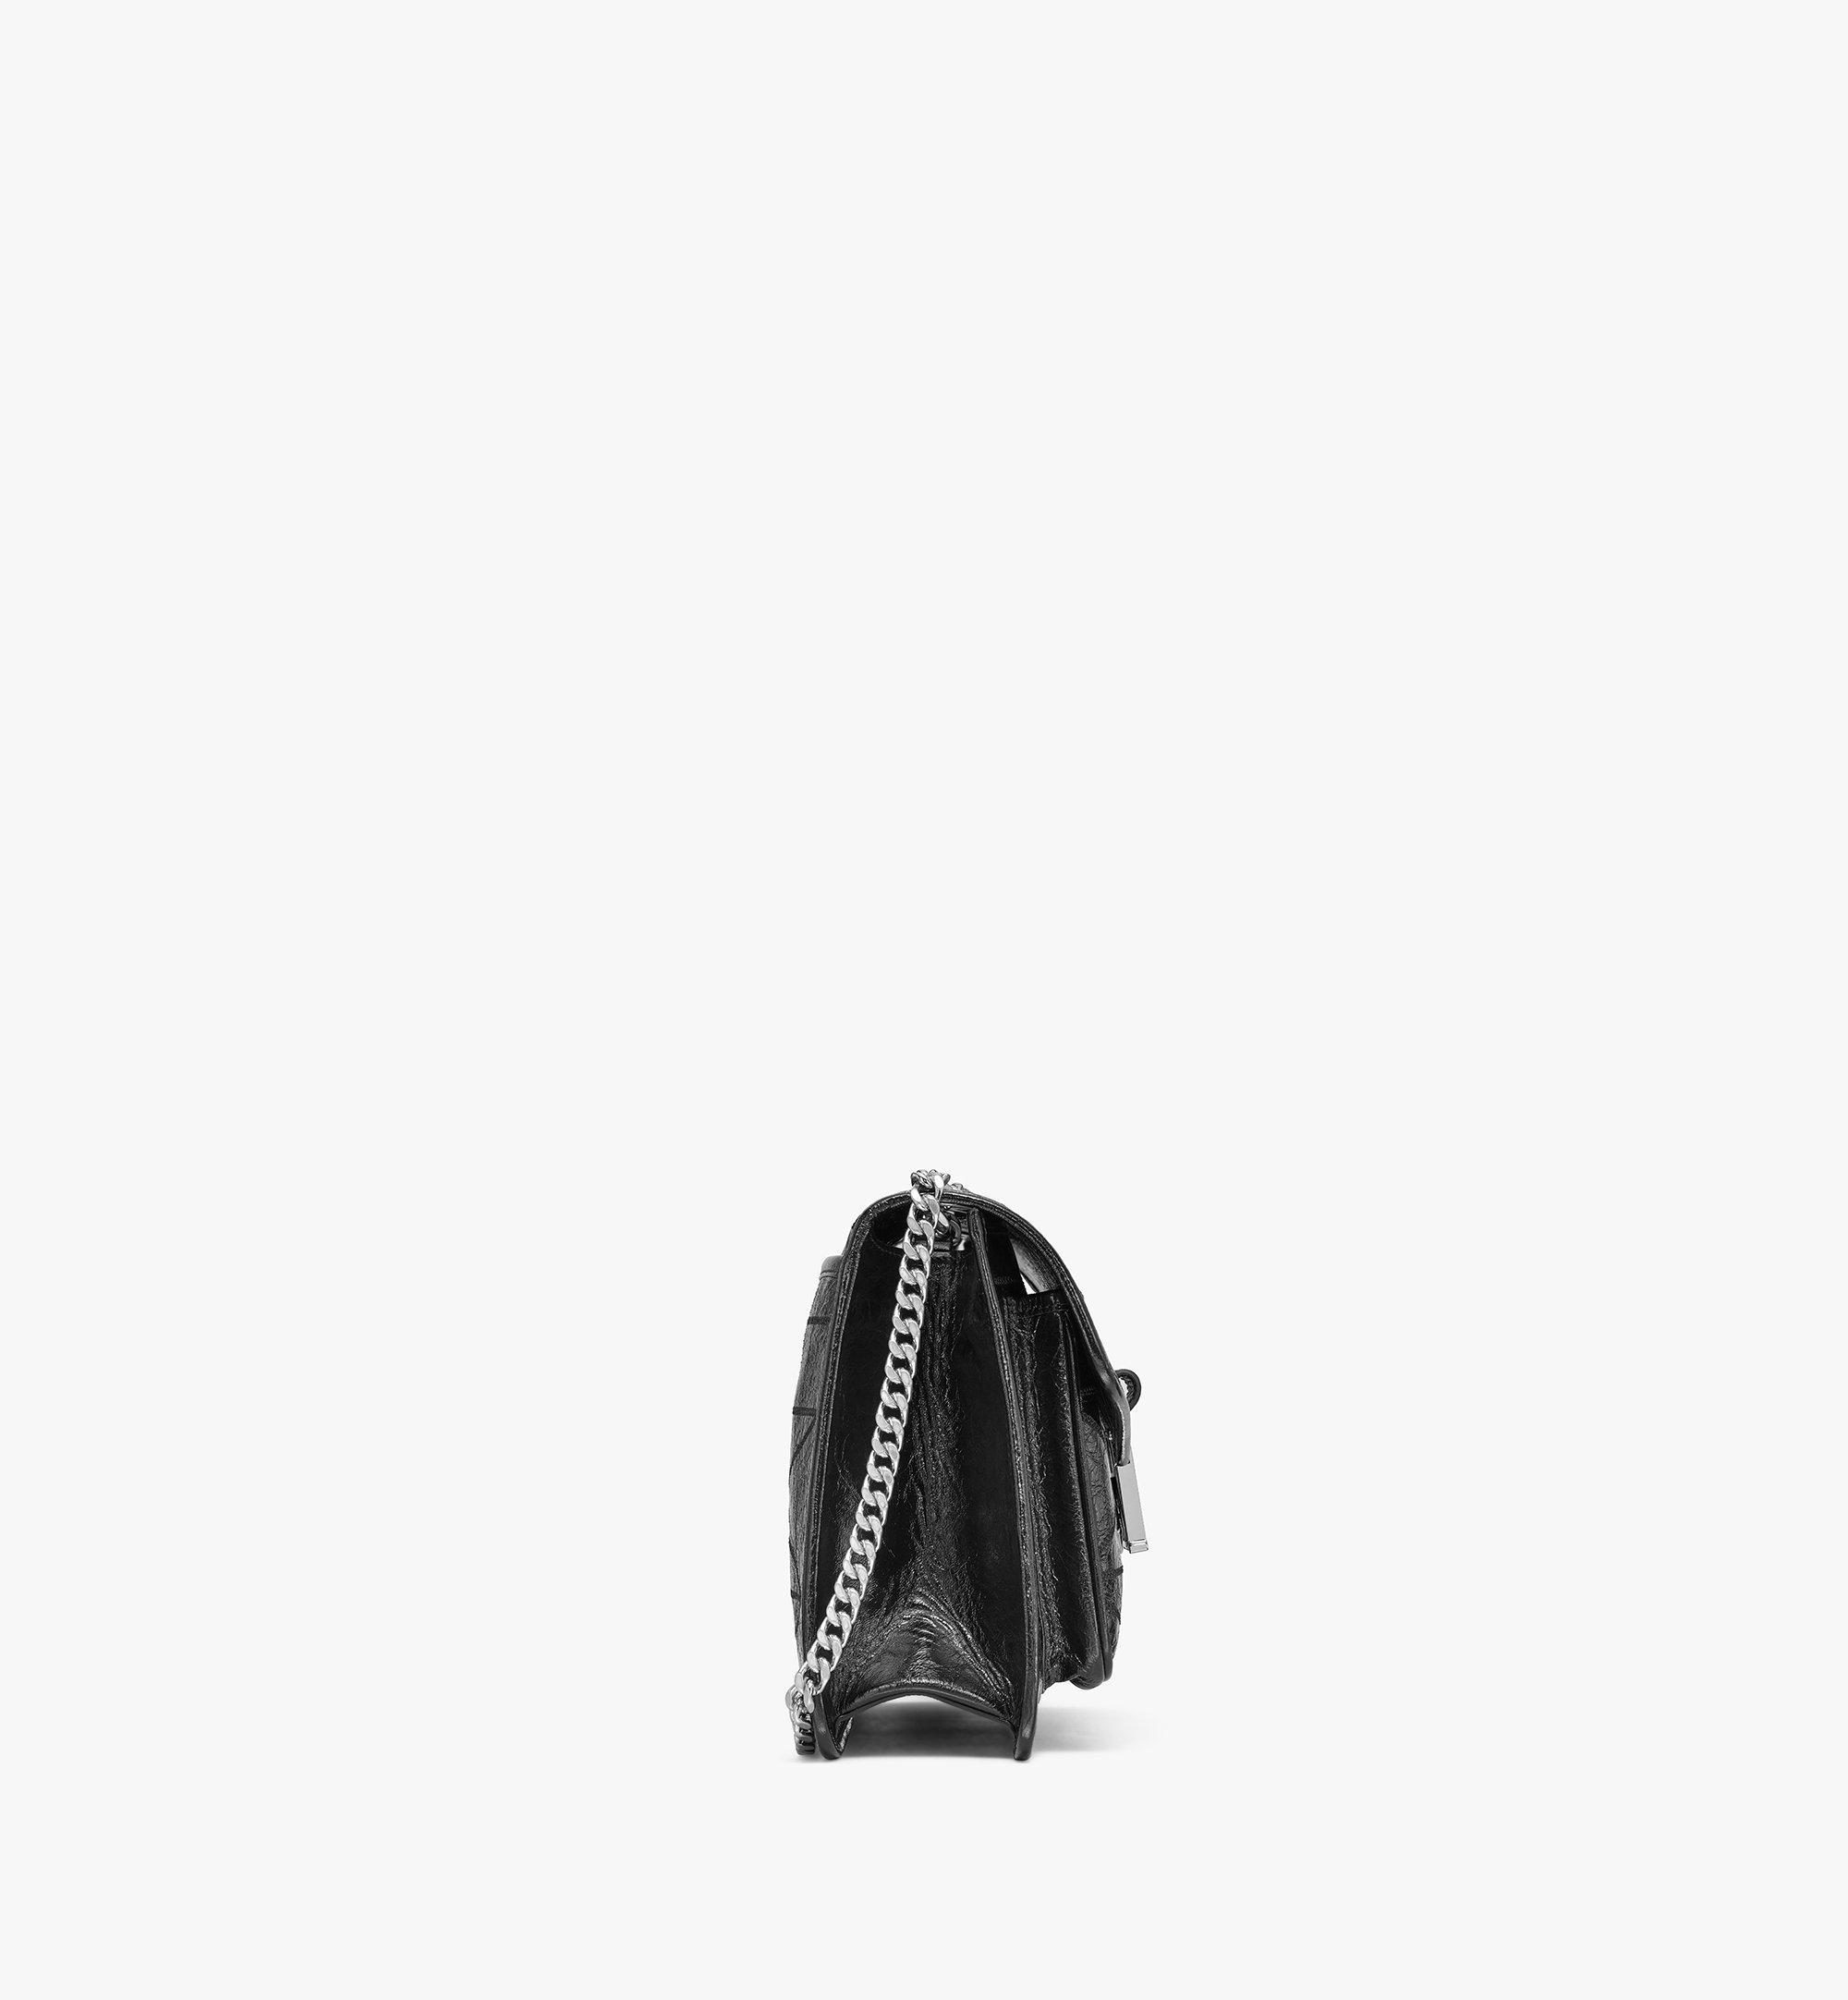 MCM Mena Gesteppte Schultertasche in Leder mit Cracked-Effekt Black MWSBSLM05BK001 Noch mehr sehen 1